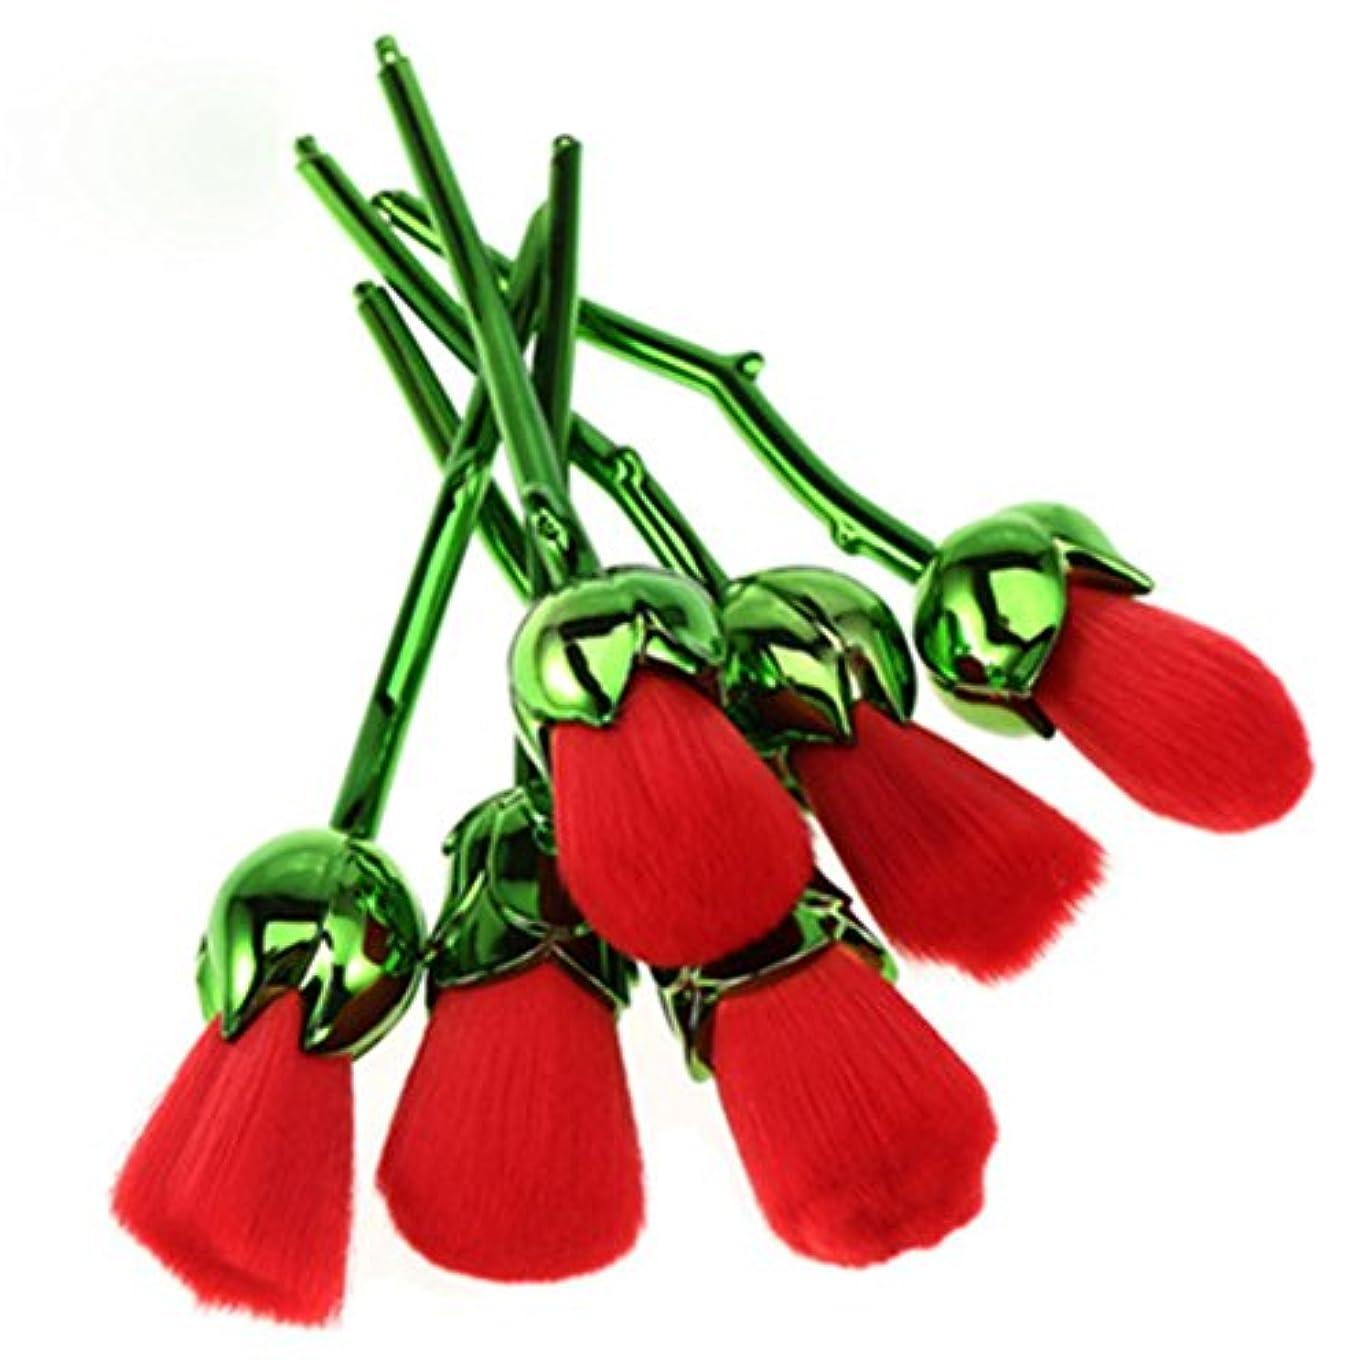 今後予報ファーザーファージュディラビューティー(Dilla Beauty) メイクブラシ 薔薇 メイクブラシセット 人気 ファンデーションブラシ 化粧筆 可愛い 化粧ブラシ セット パウダーブラシ フェイスブラシ ローズ メイクブラシ 6本セット ケース付き (グリーン - レッド)